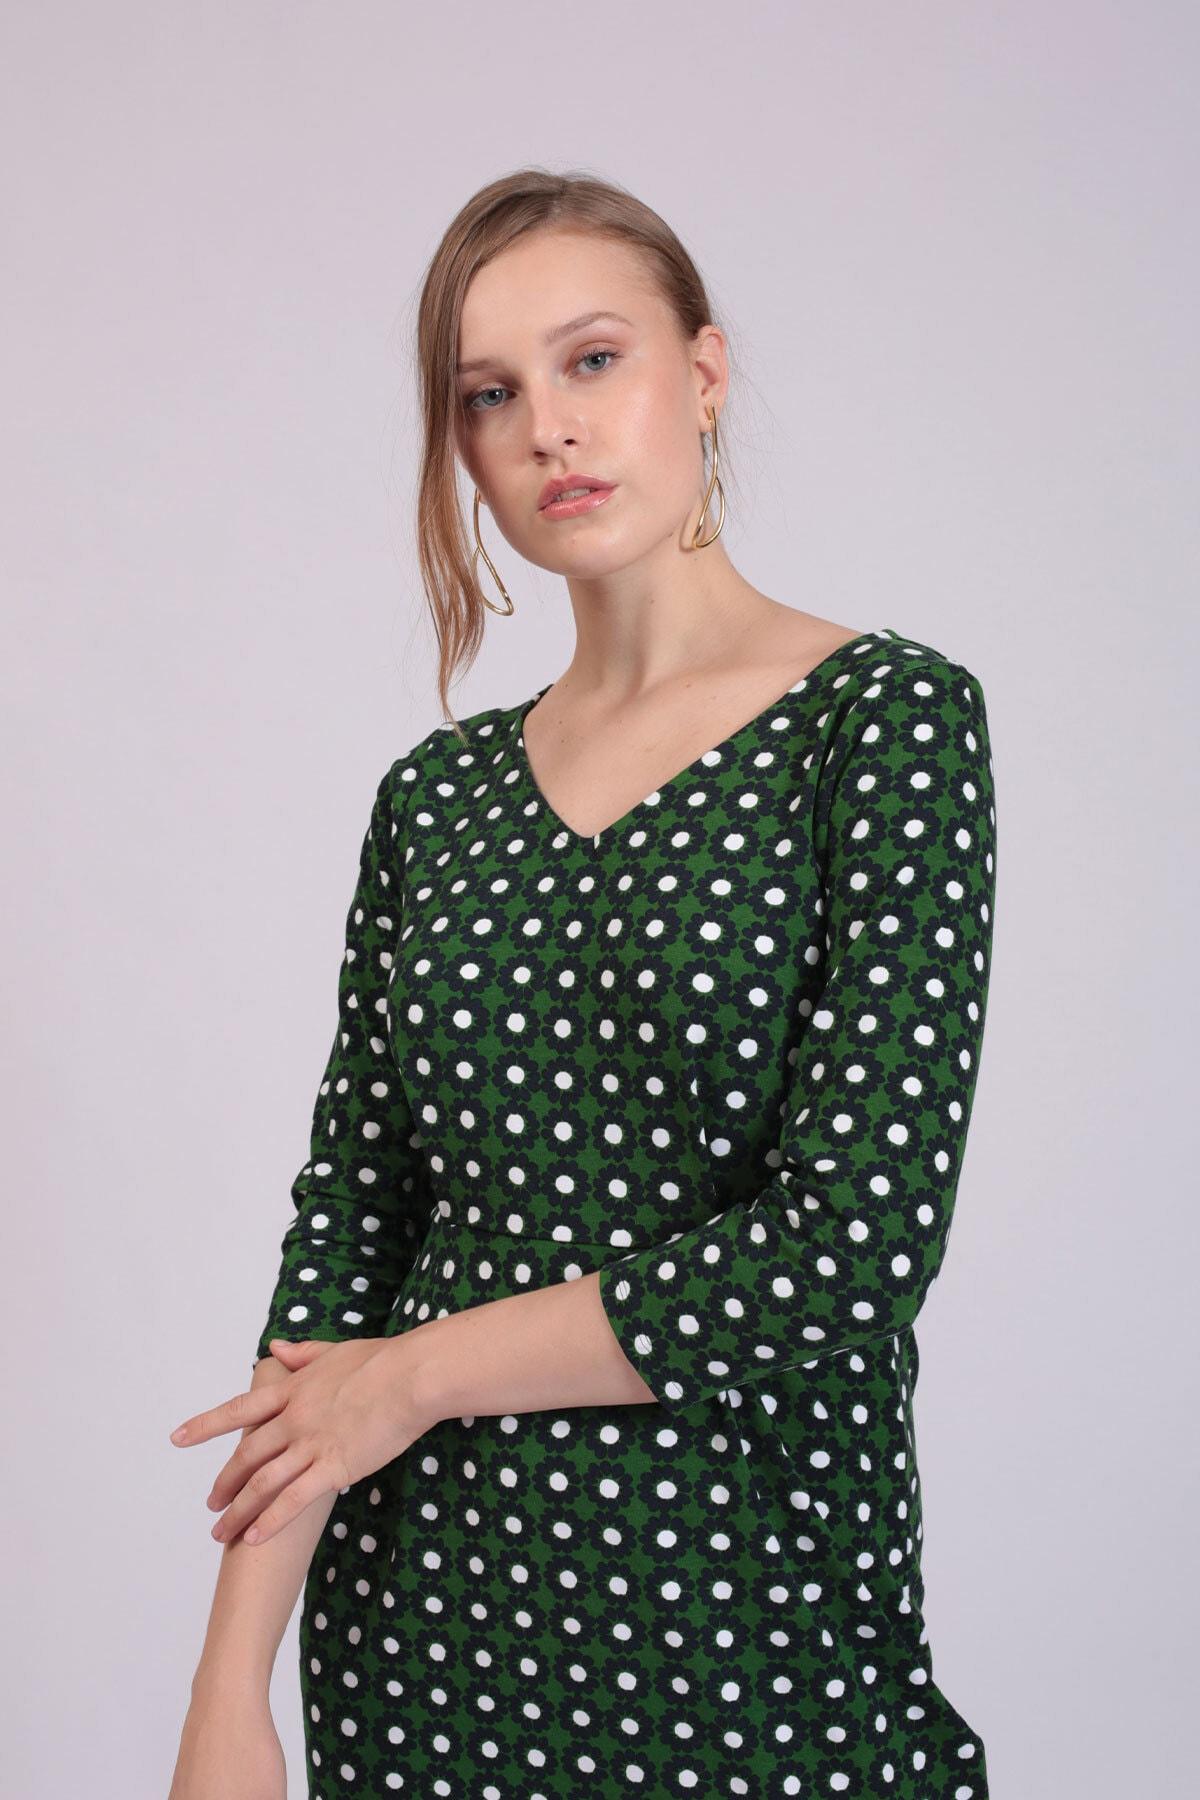 Hanna's by Hanna Darsa Kadın Yeşil Papatya Desenli Elbise  HN2792